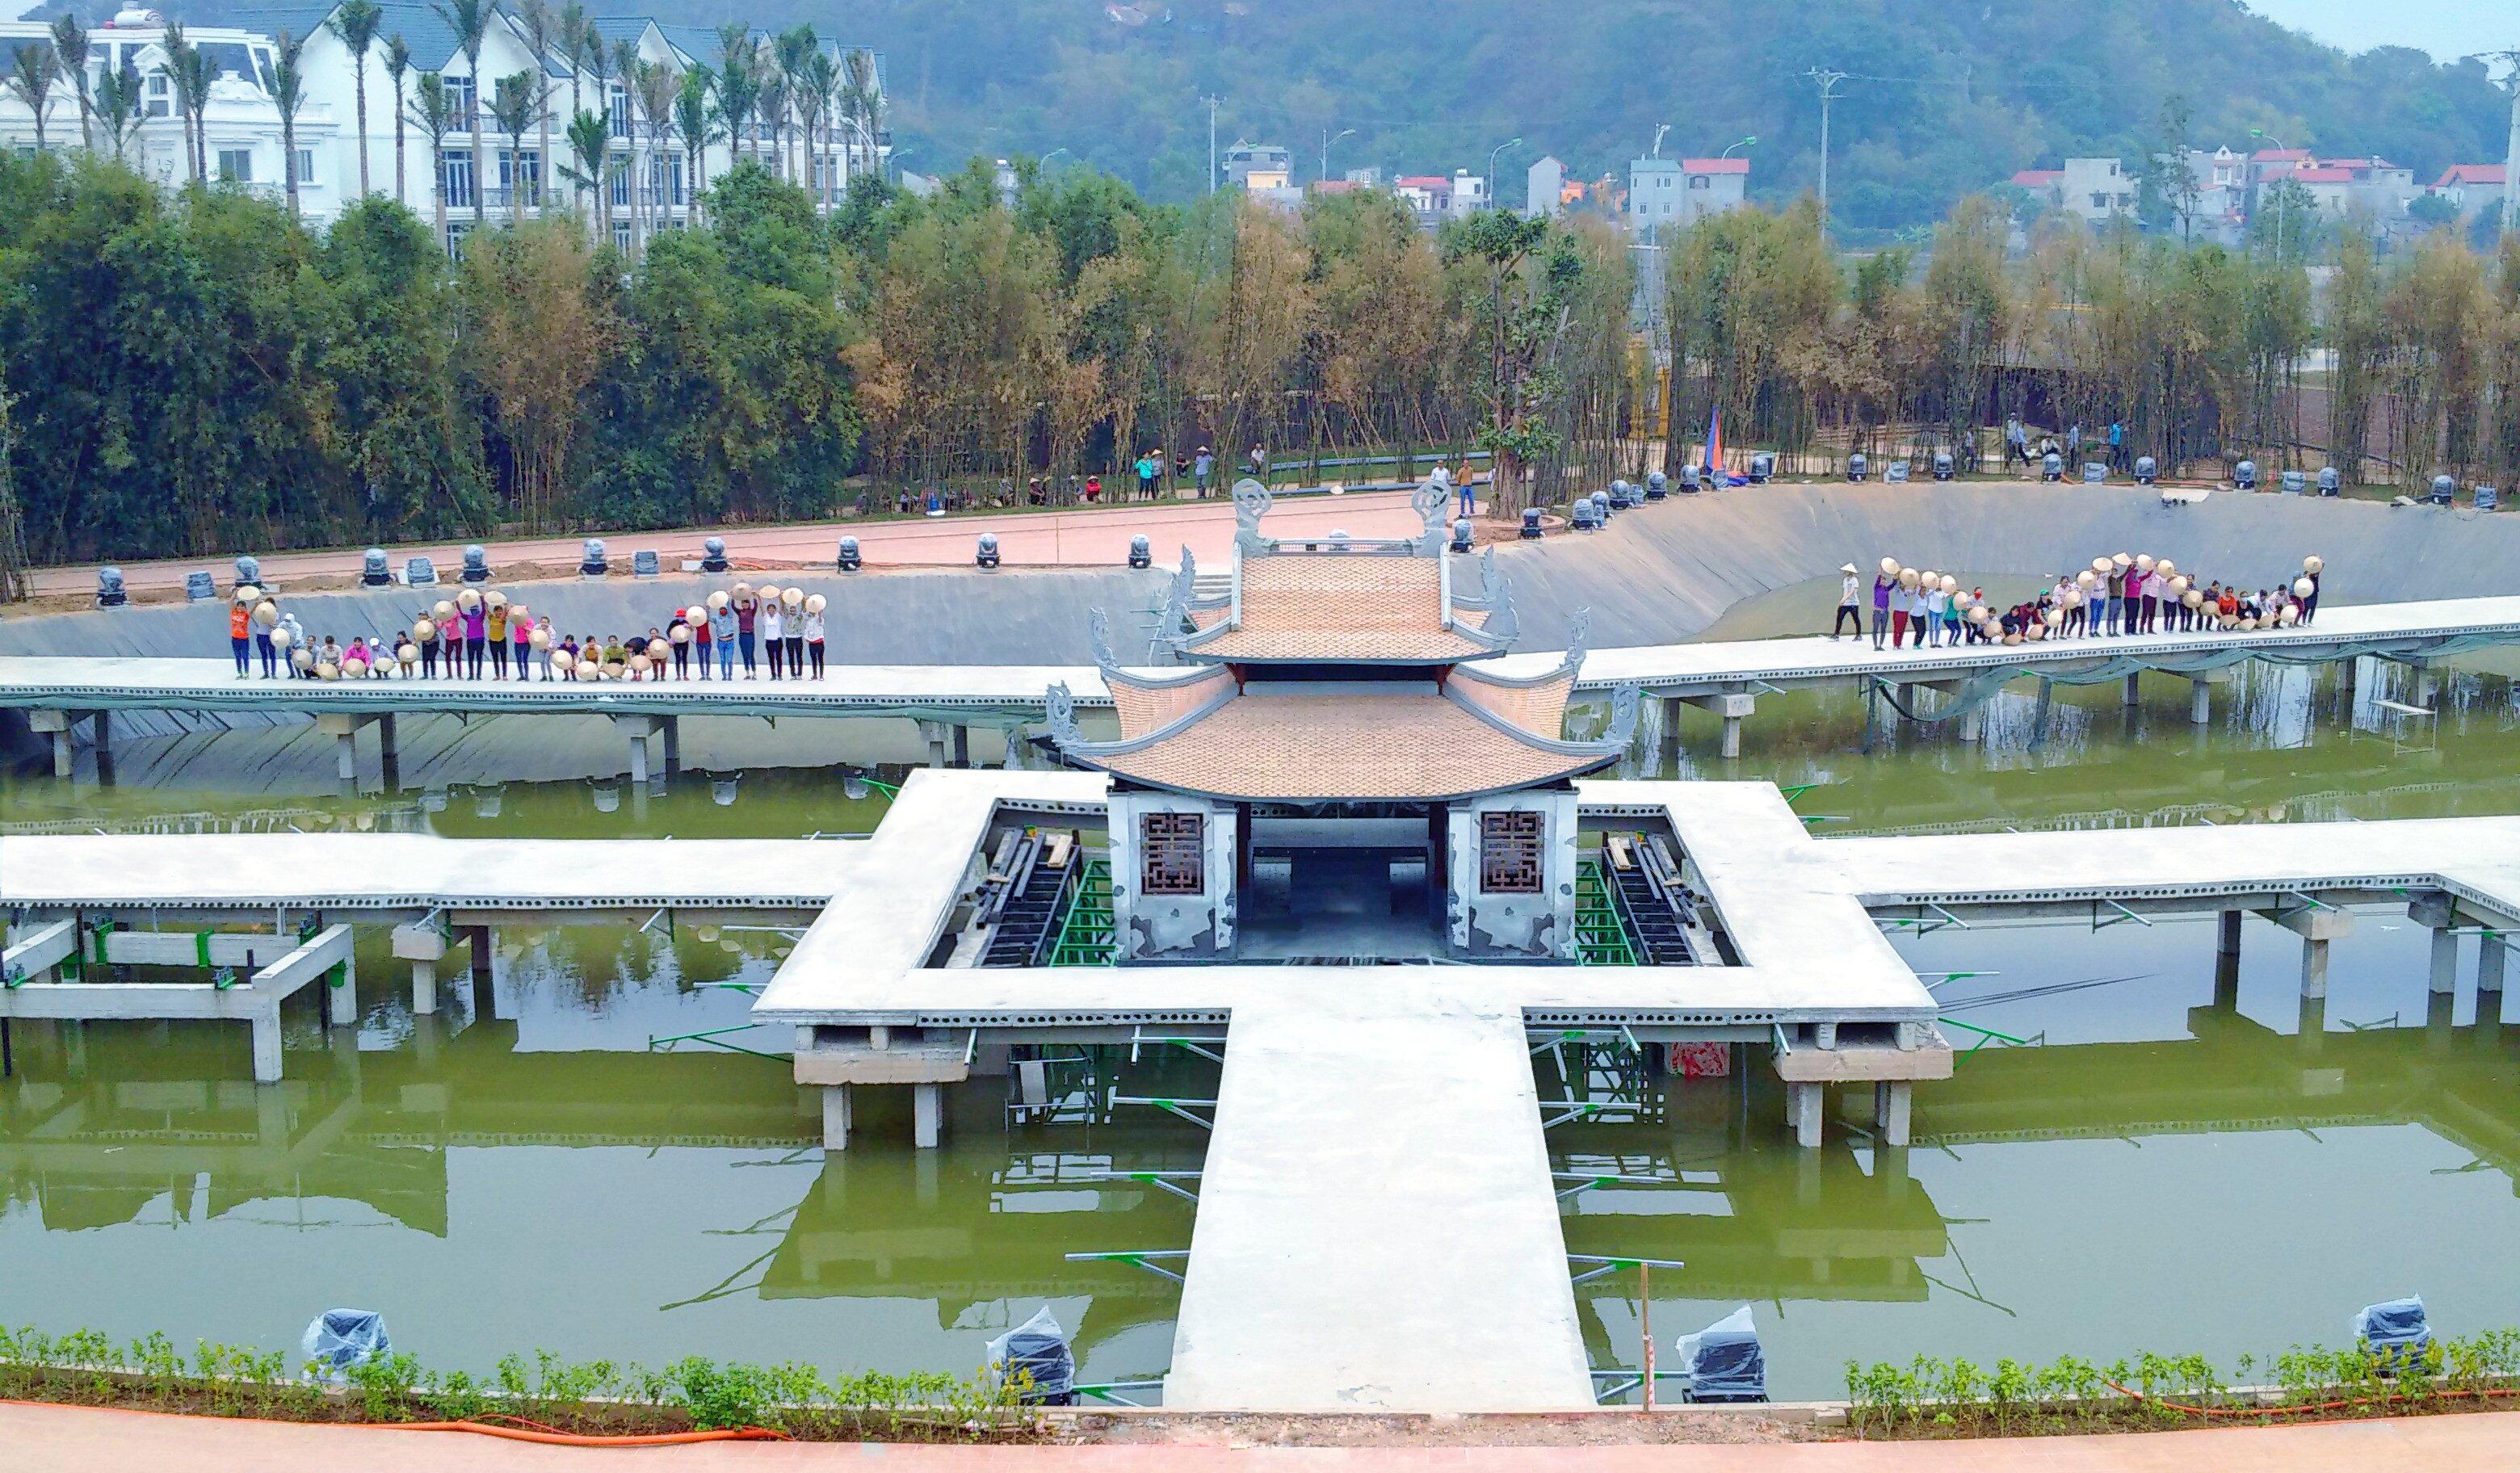 Tuần châu Ecopark Quốc Oai- Điểm vui chơi giải trí, nghỉ dưỡng lý tưởng tại  Hà